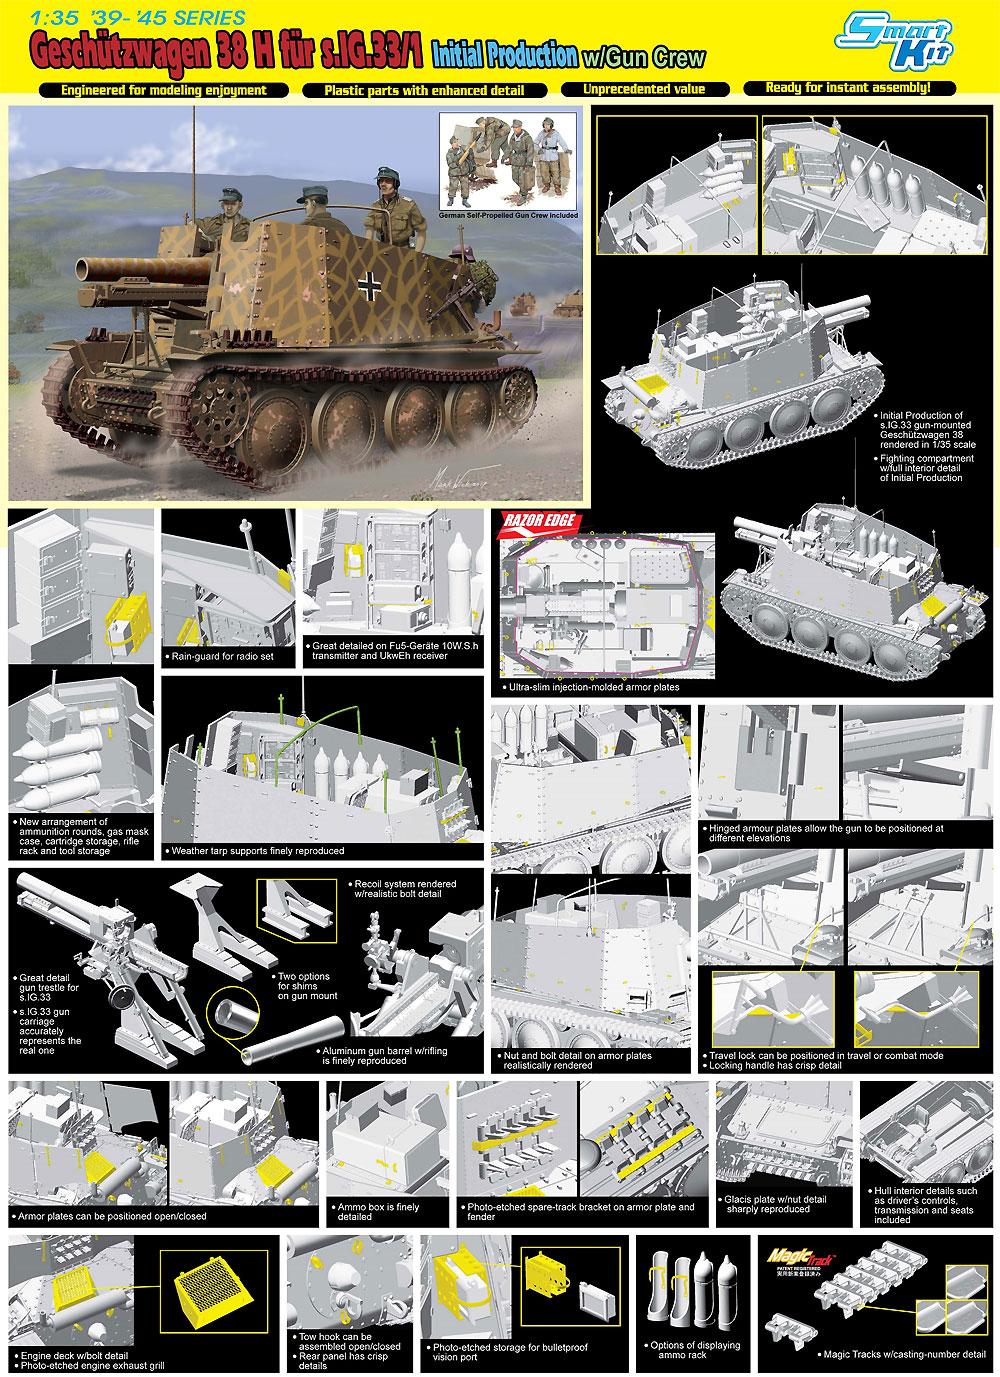 ドイツ Sd.Kfz.138/1 自走歩兵砲 グリレH 初期型 w/自走砲クループラモデル(ドラゴン1/35 '39-'45 SeriesNo.6857)商品画像_4